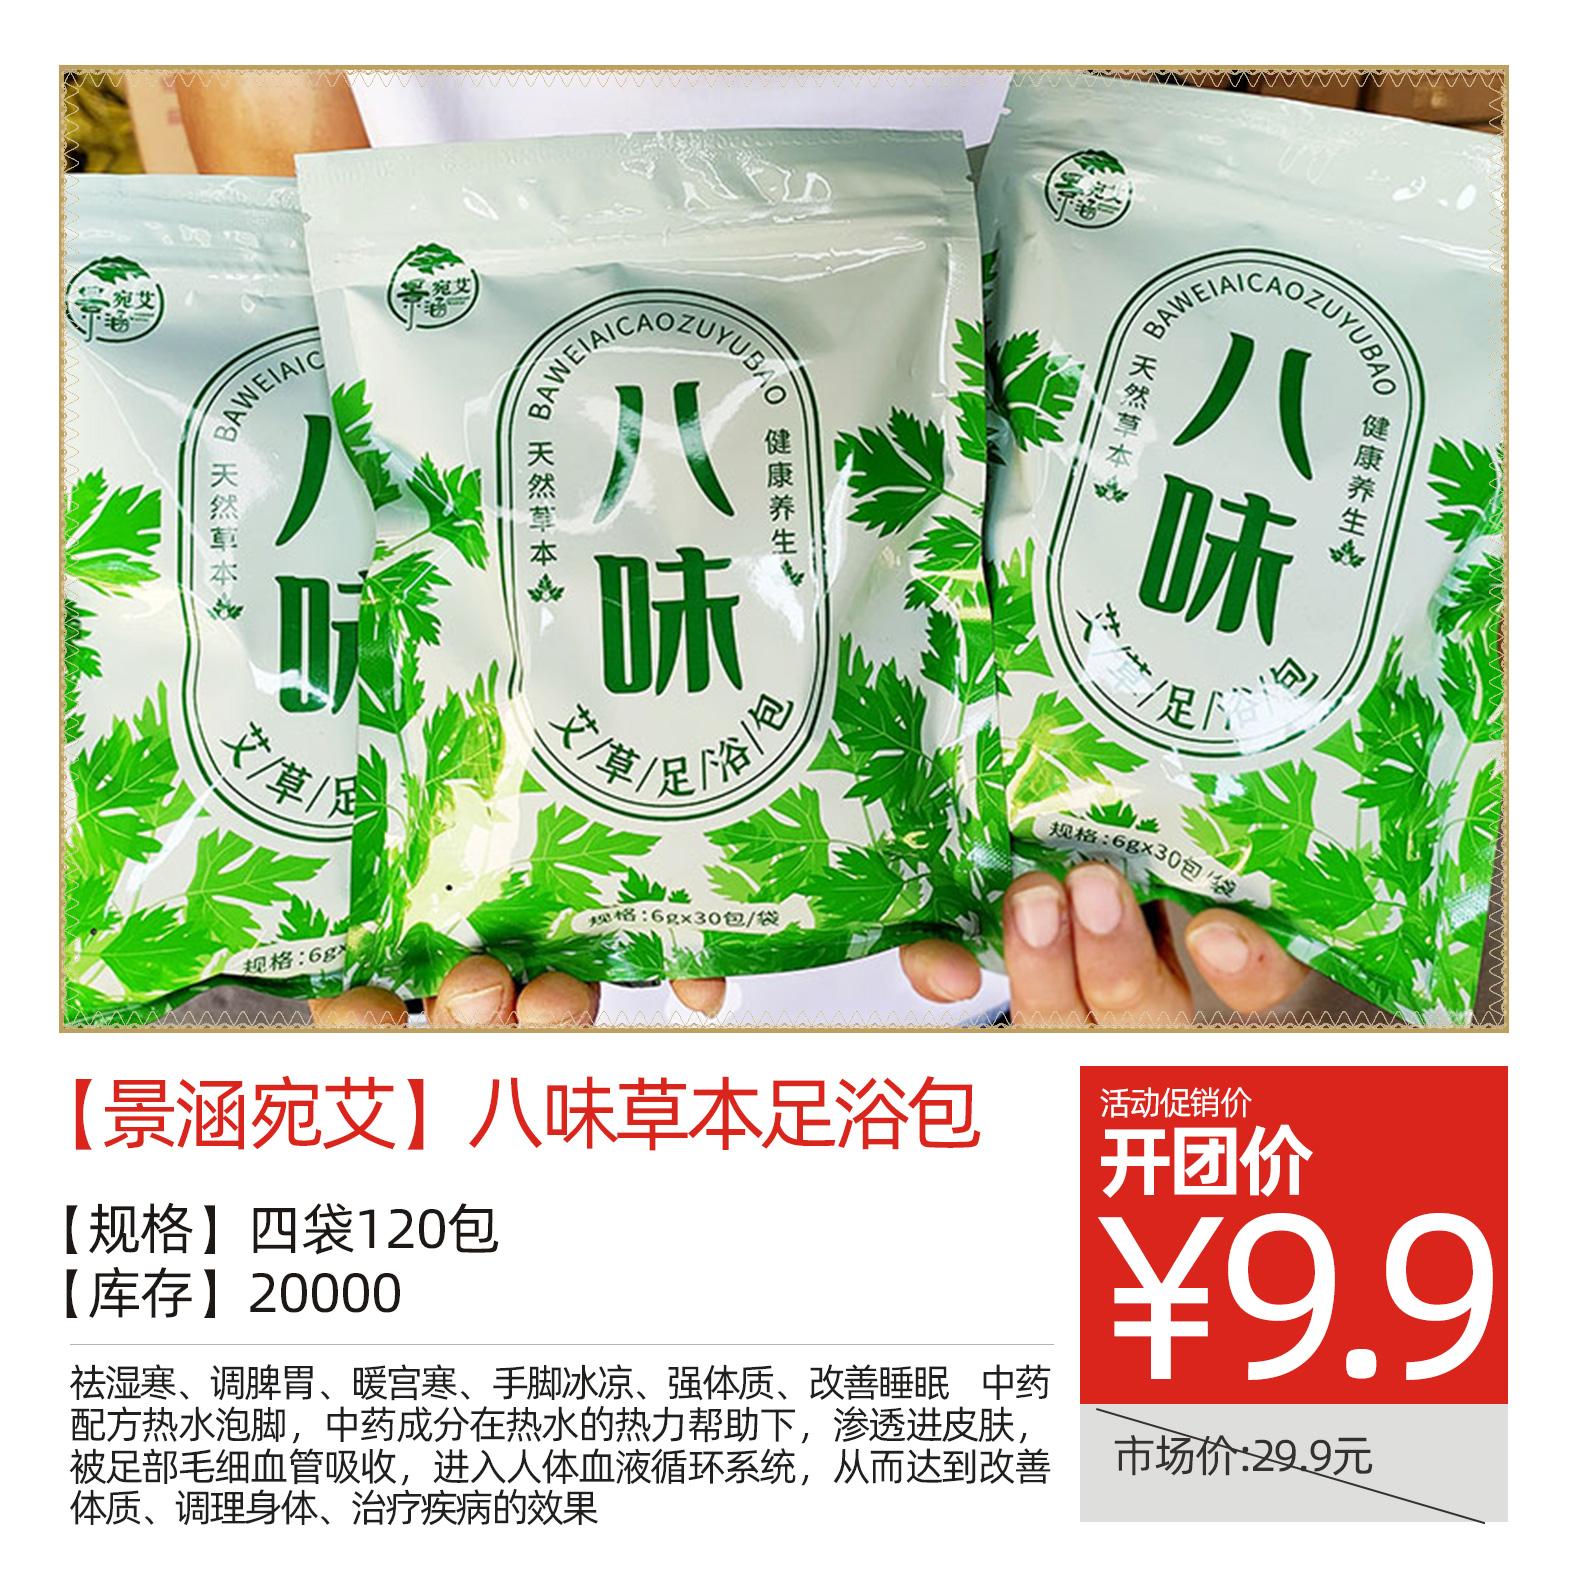 【景涵宛艾】 八味草本足浴包 四袋120包